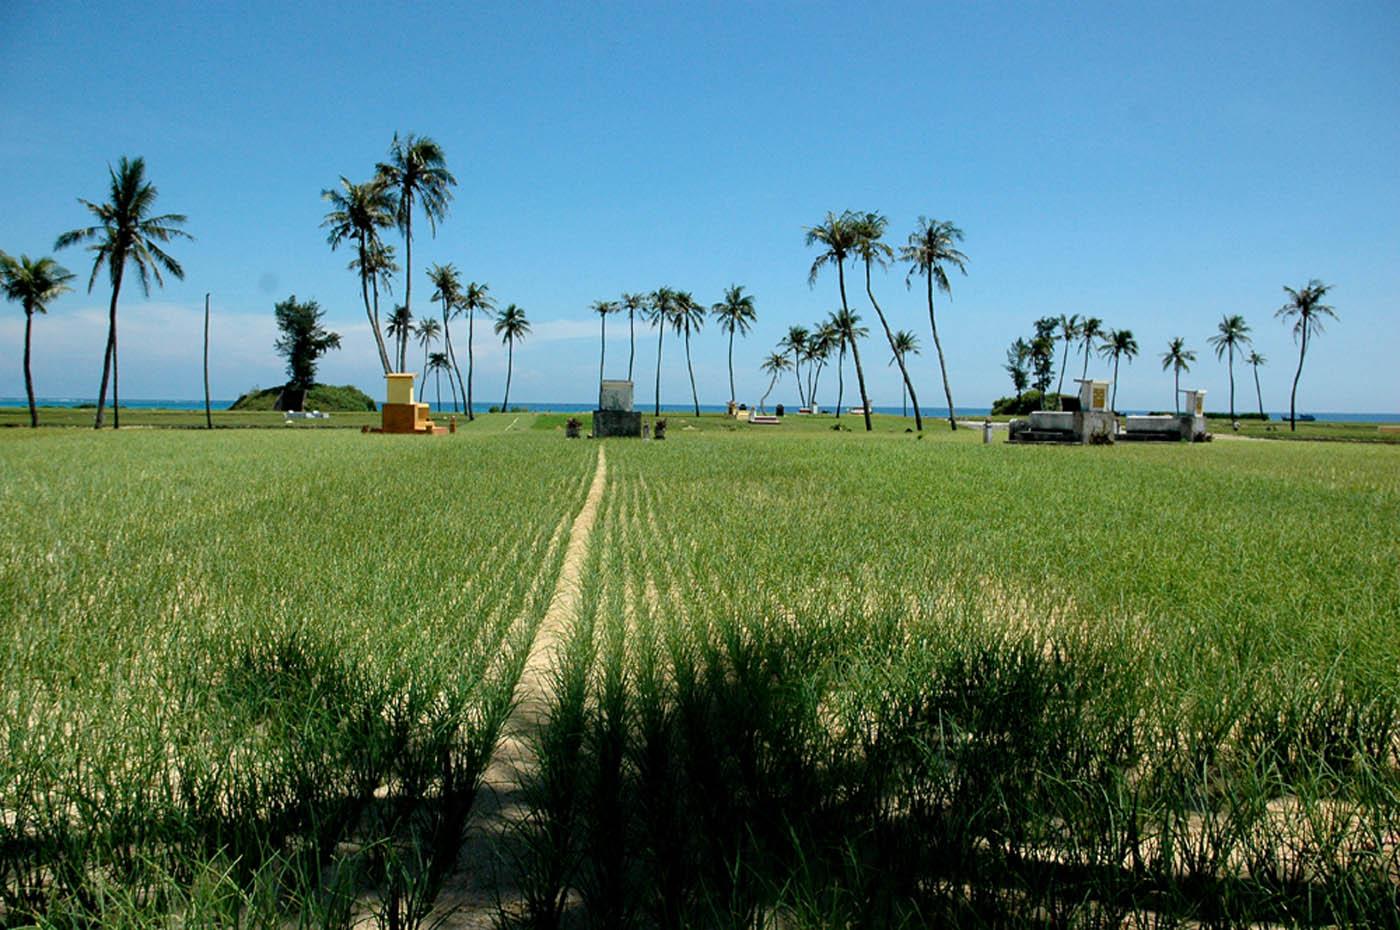 Ruộng tỏi ở đảo nhỏ Lý Sơn